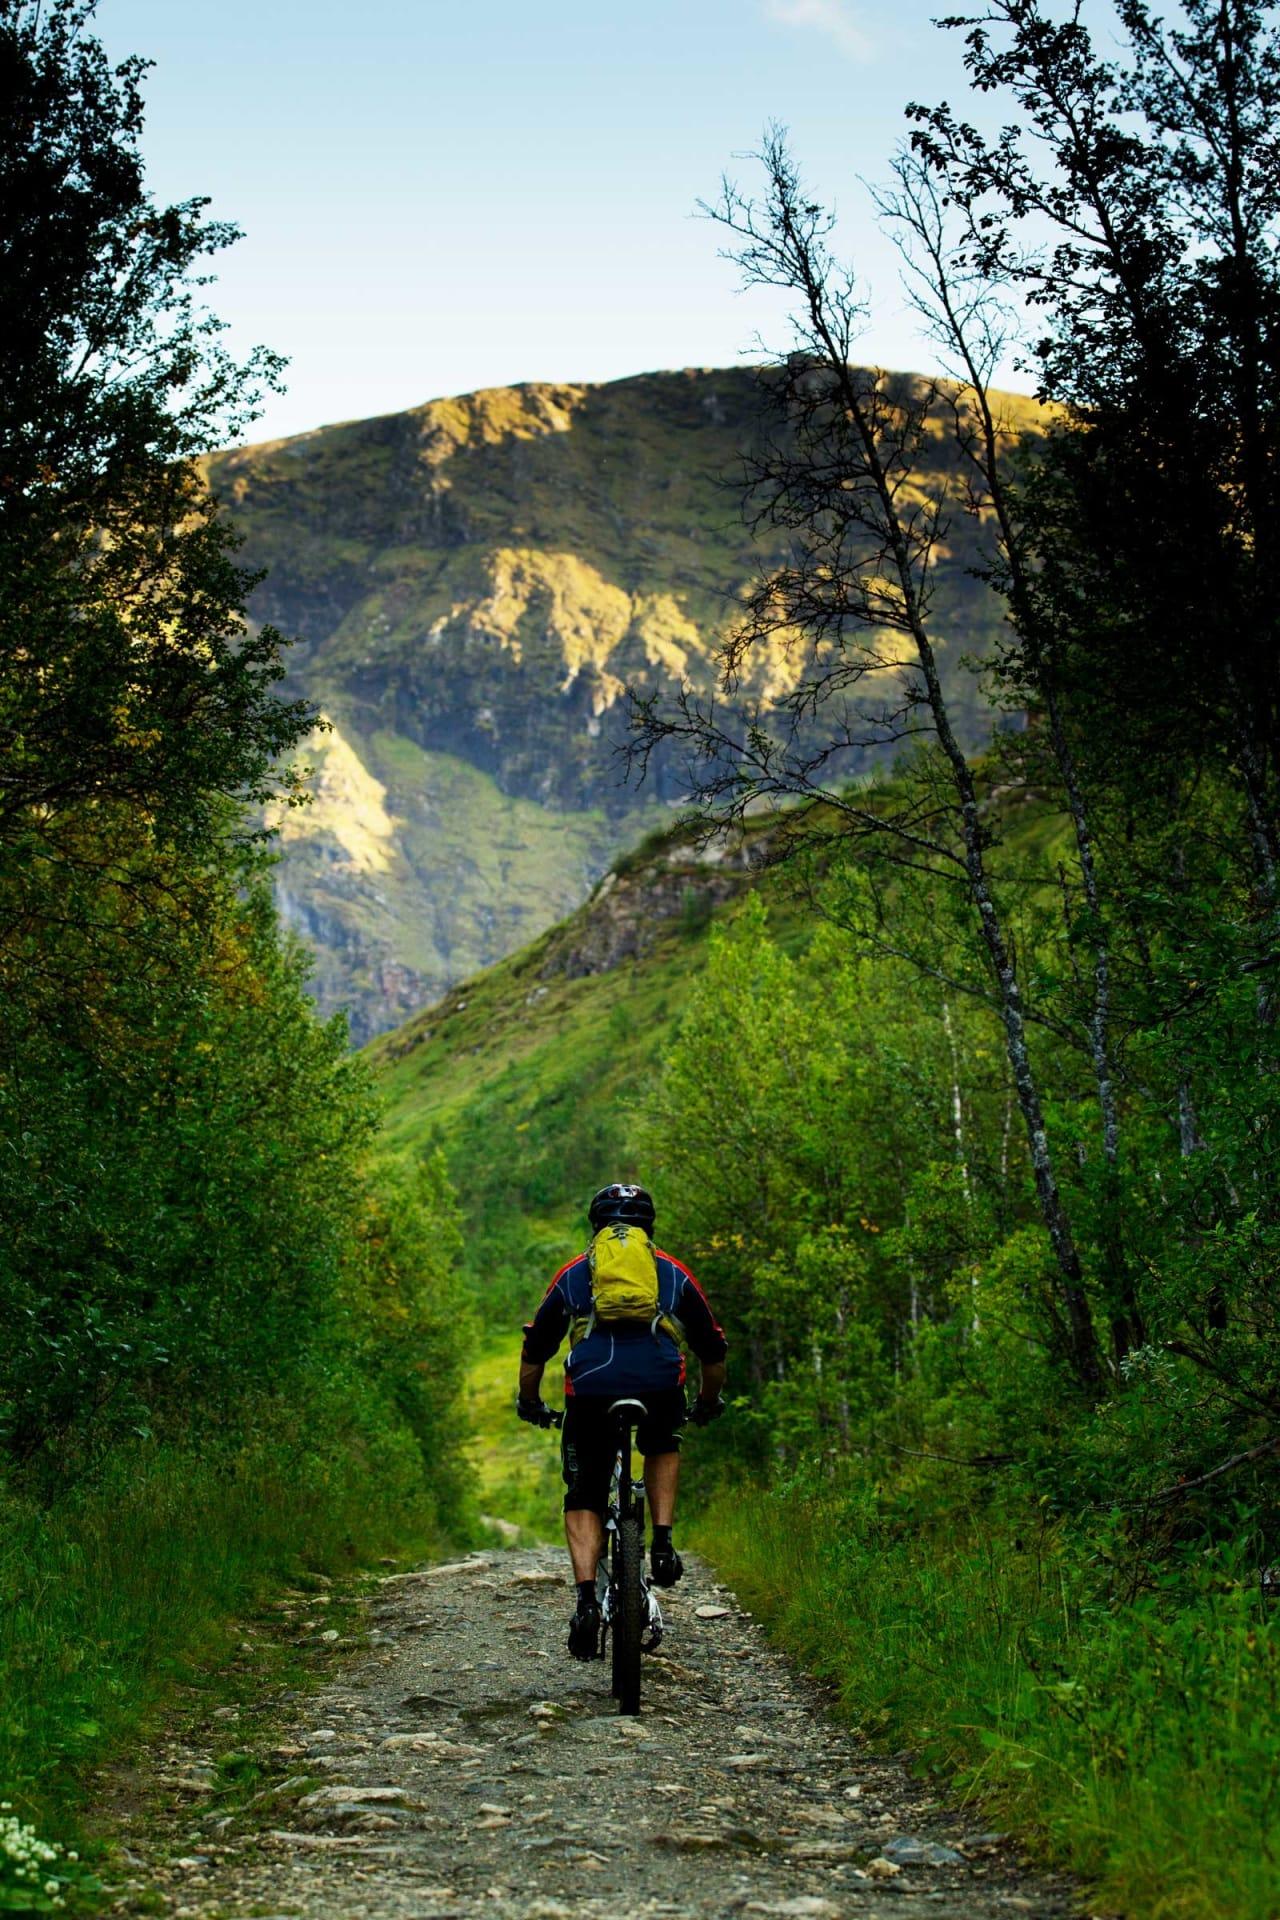 Klatringen opp til Bønntua fra baksiden er lang og tidvis bratt, men belønningen du får på vei ned gjør alt strevet verdt det. / Stisykling i Norge.